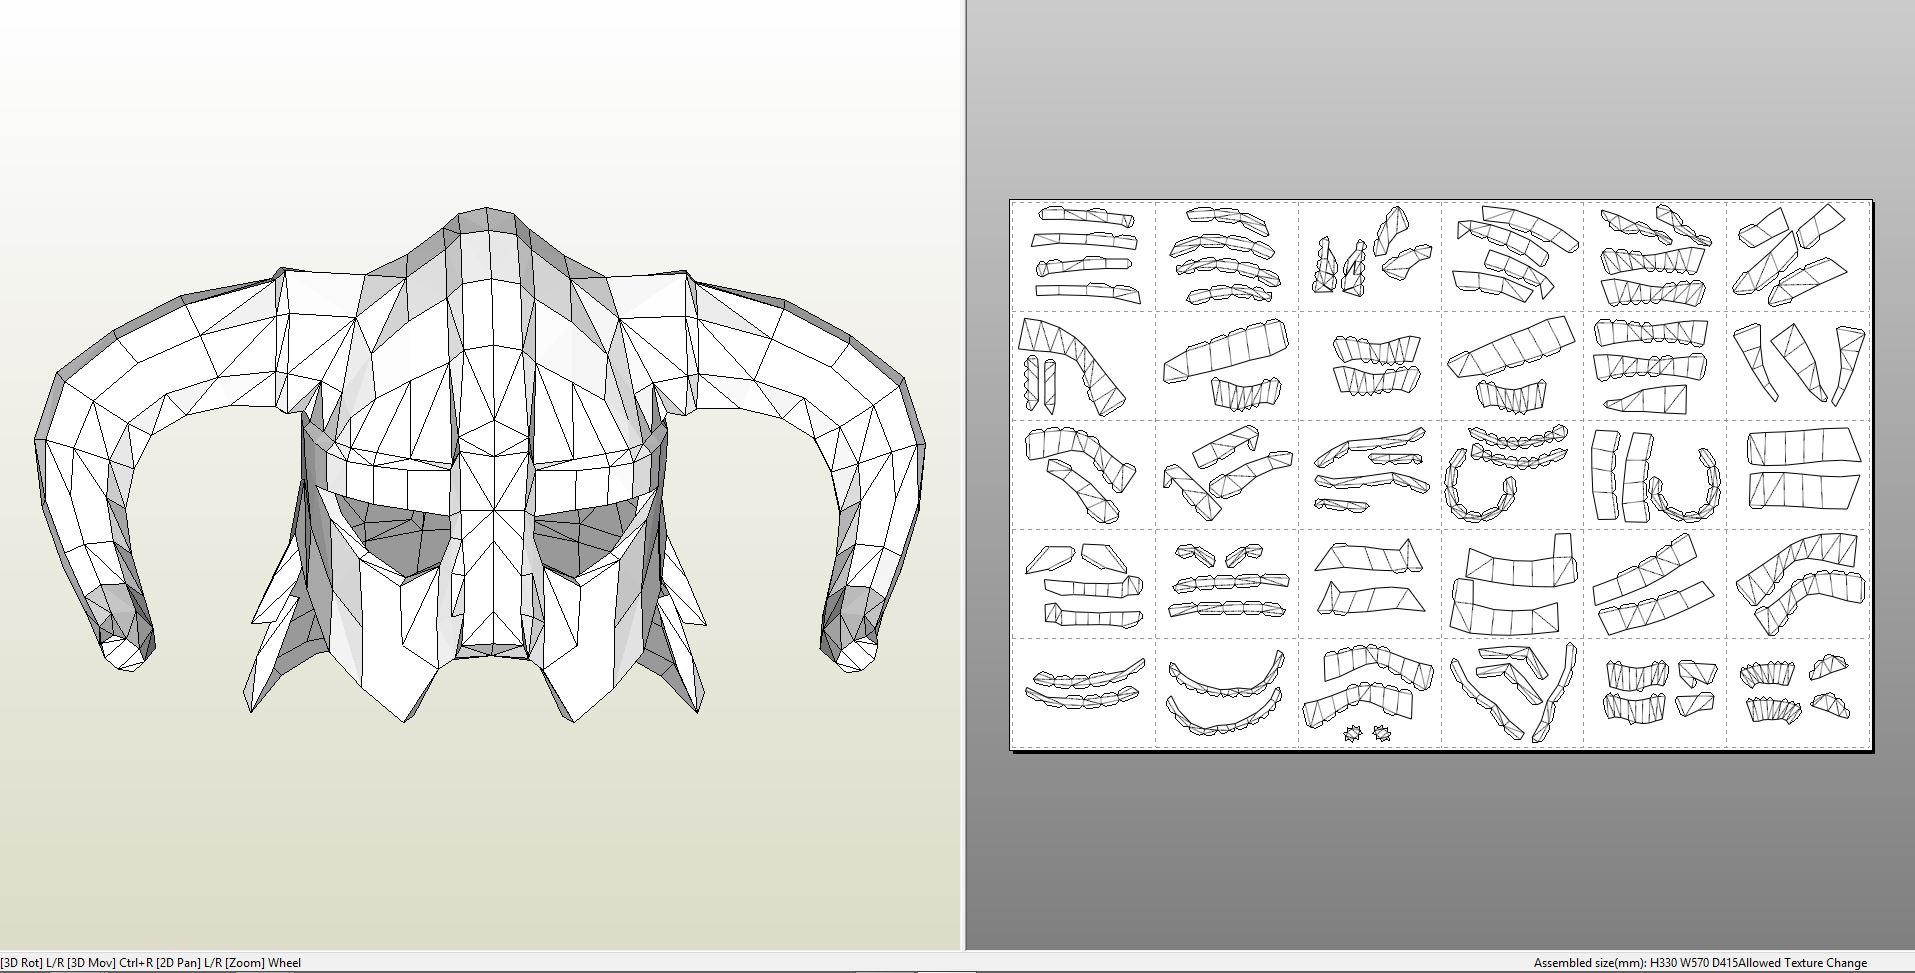 Papercraft  pdo file template for Skyrim – Iron Helmet